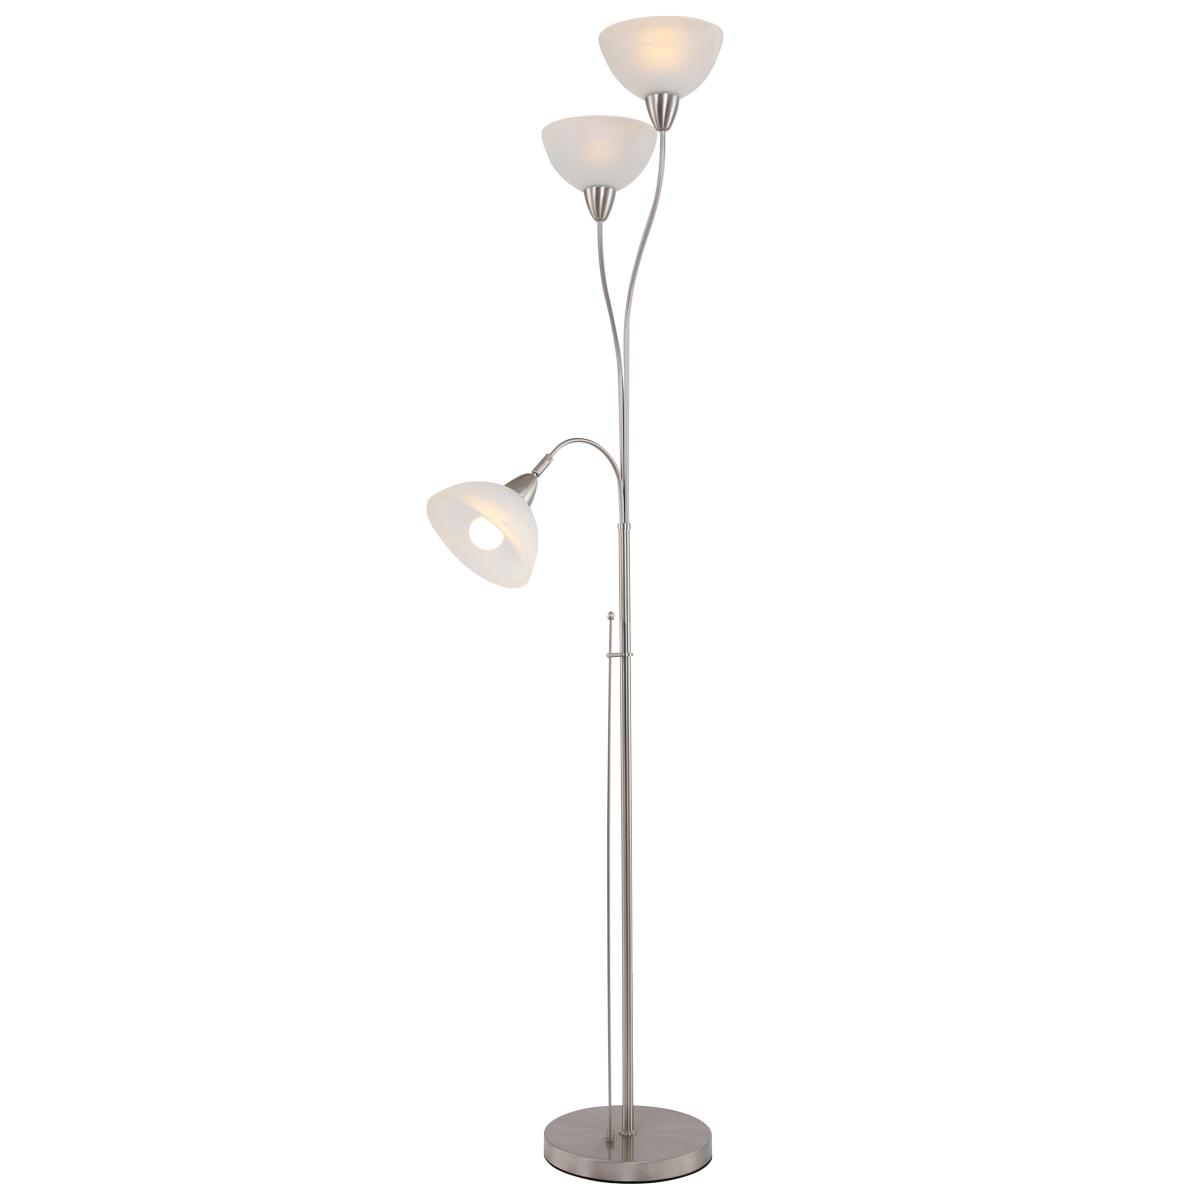 Full Size of Stehlampen Ikea Lampe Stehlampe Papier Lampen Dimmbar Lampenschirm Schweiz Schirm Led Dimmen Wohnzimmer Wien Moderne Deckenfluter Metall Silber Küche Kosten Wohnzimmer Stehlampen Ikea